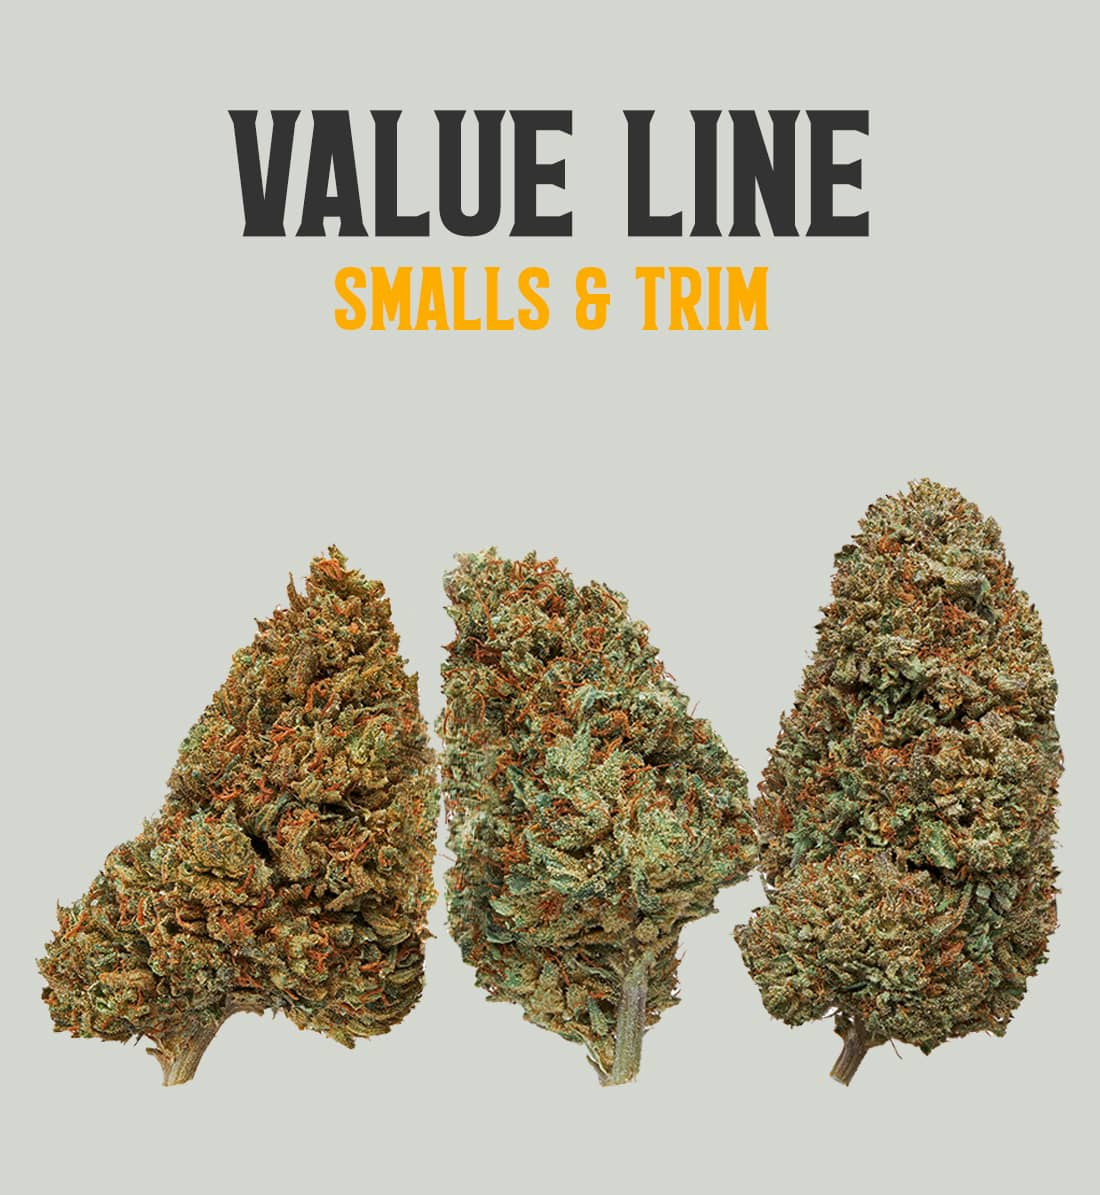 Value Line CBD flower